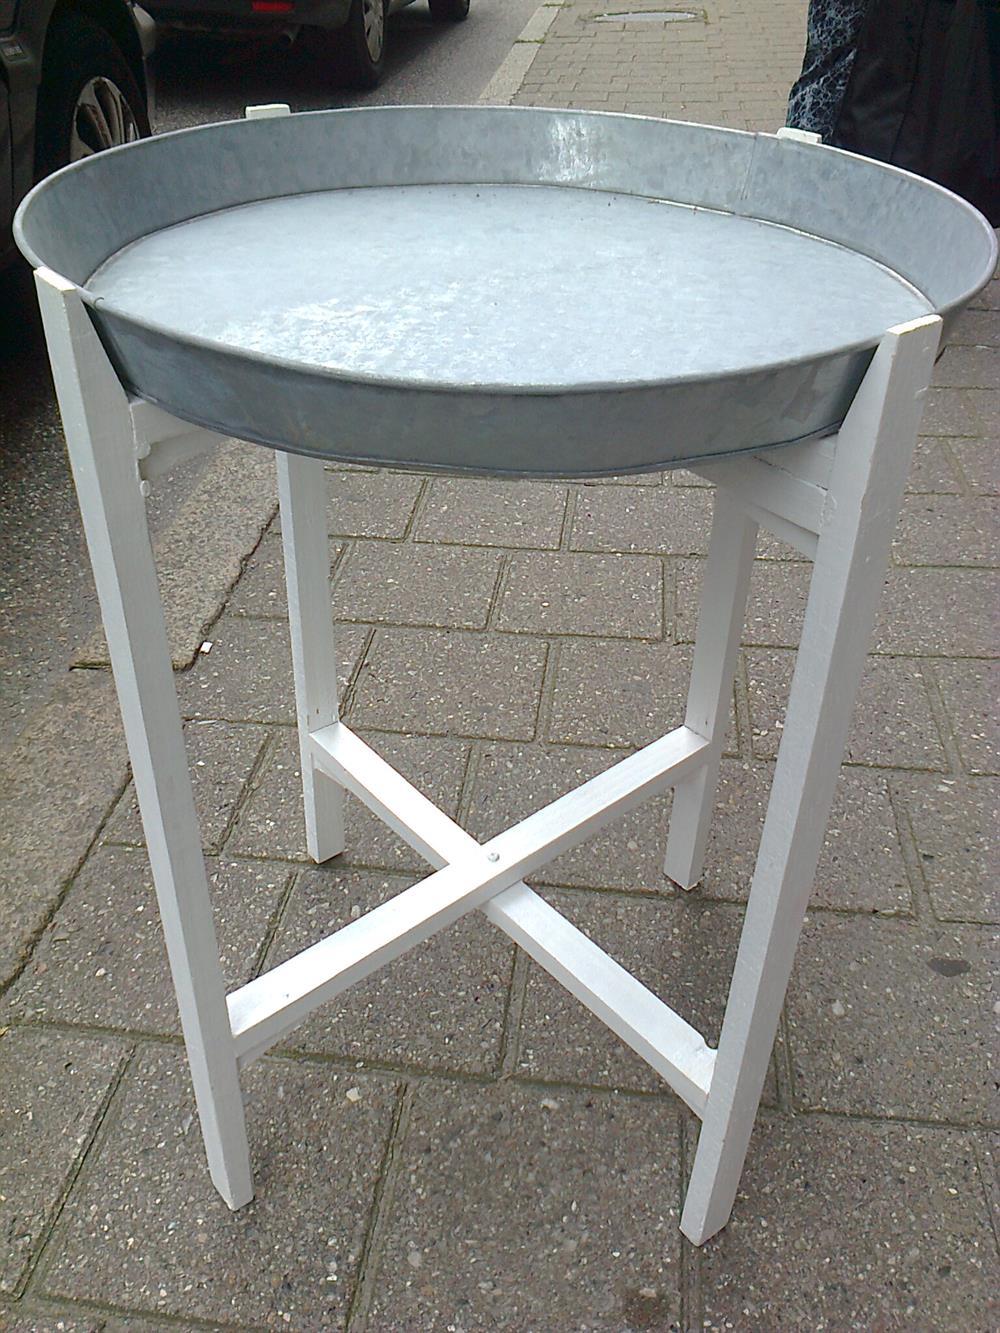 Splinternye Rundt metal bakkebord hvidt træstel - Se Hvide møbler CF-75